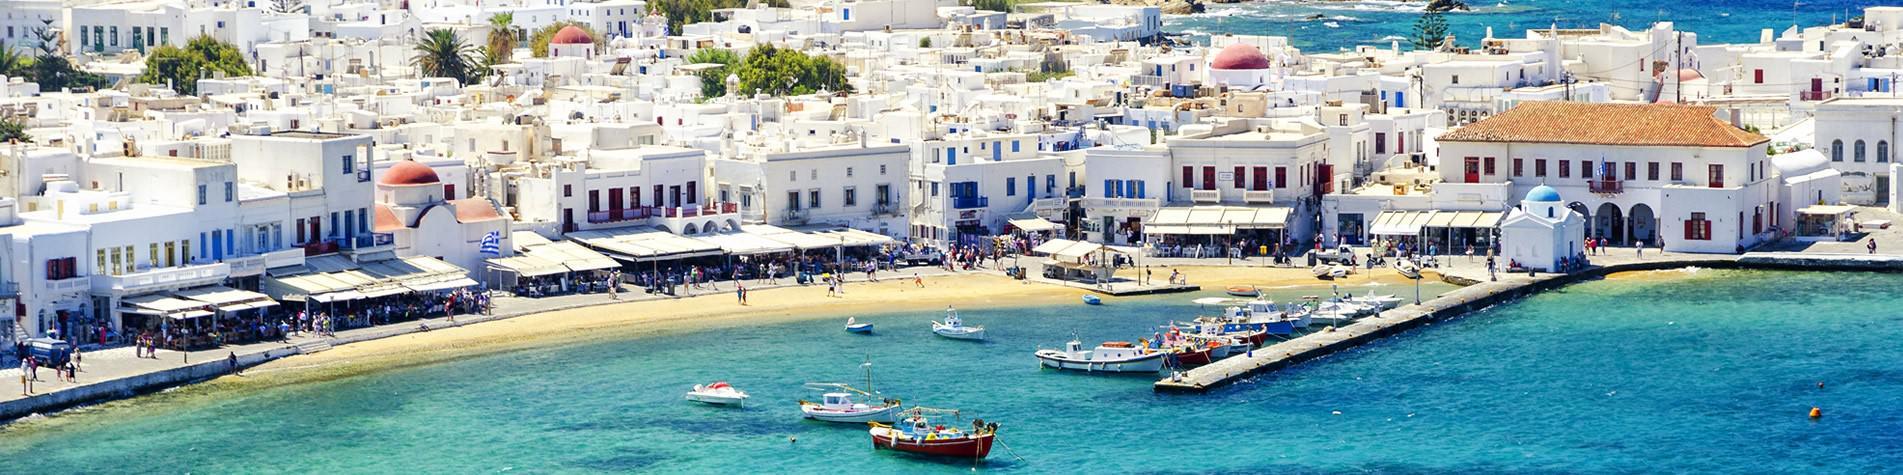 Mykonos Island Holidays Specialists